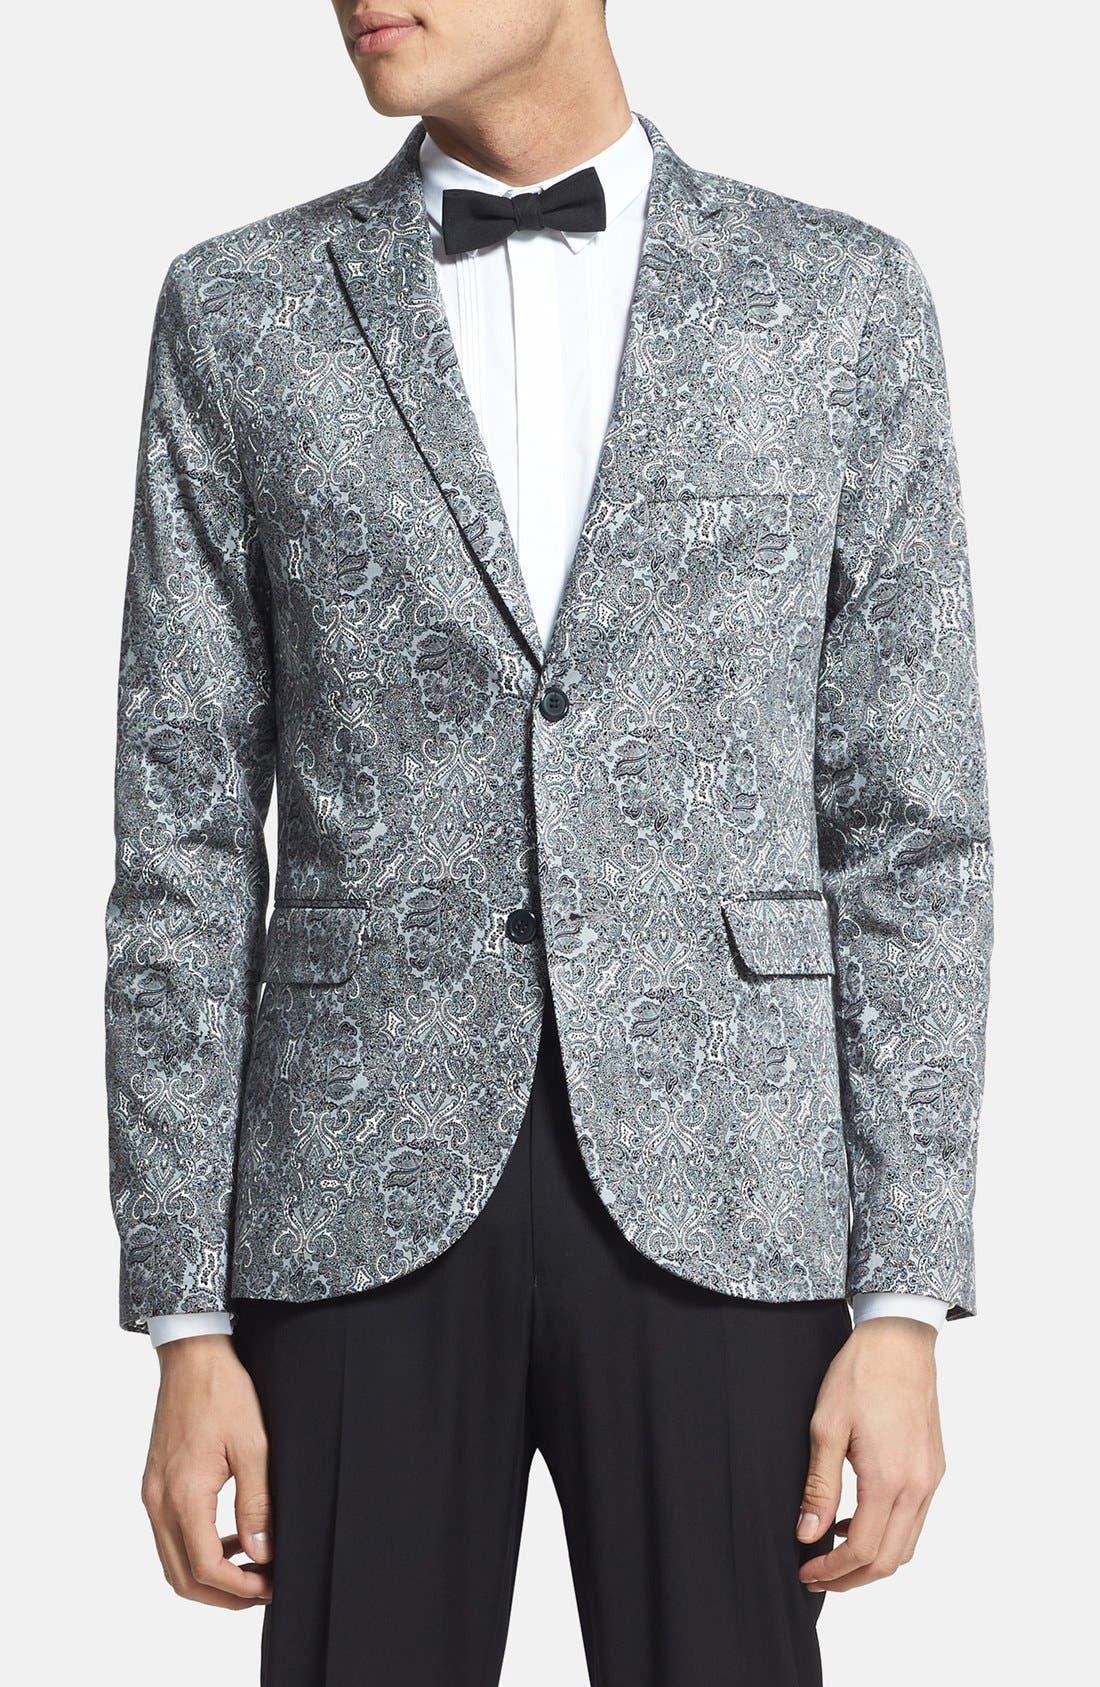 Alternate Image 1 Selected - Topman Skinny Fit Paisley Print Suit Jacket